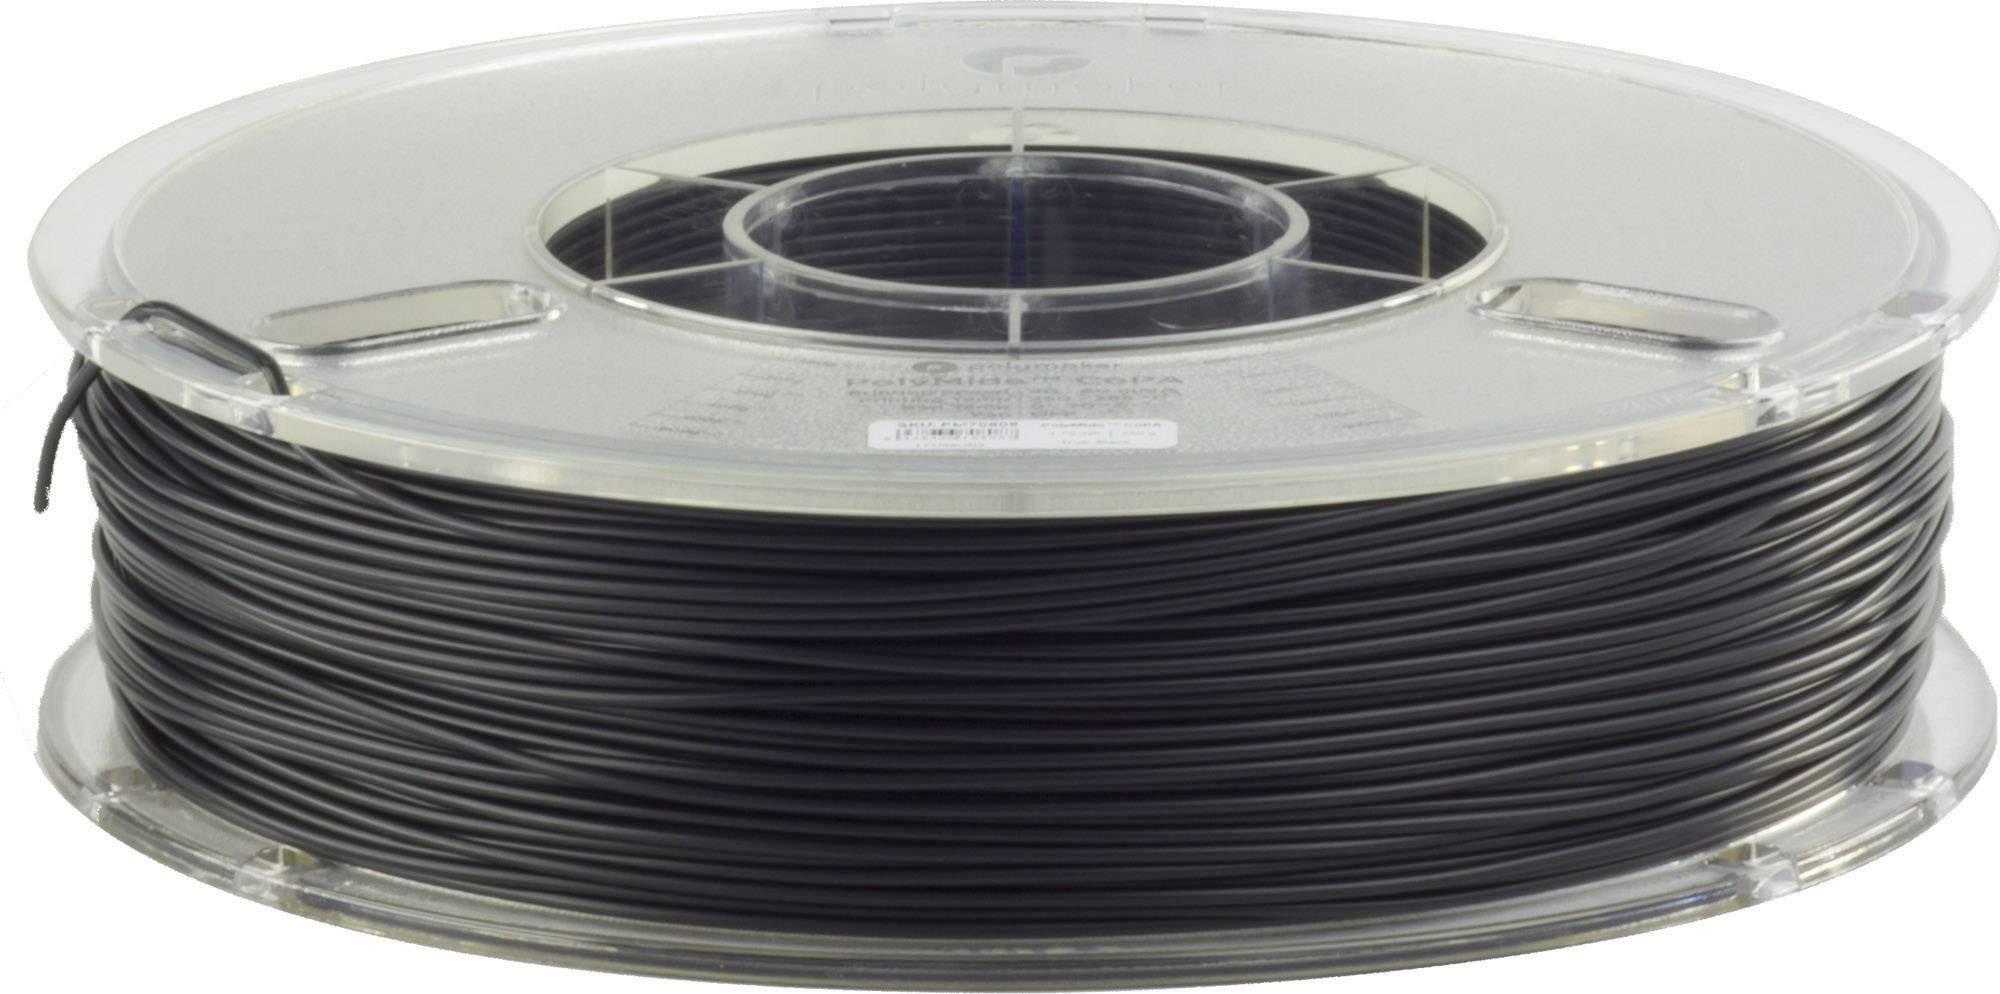 Polymaker Polymide Copa filamento in Nylon Nero 1.75mm 750g STAMPANTE 3d